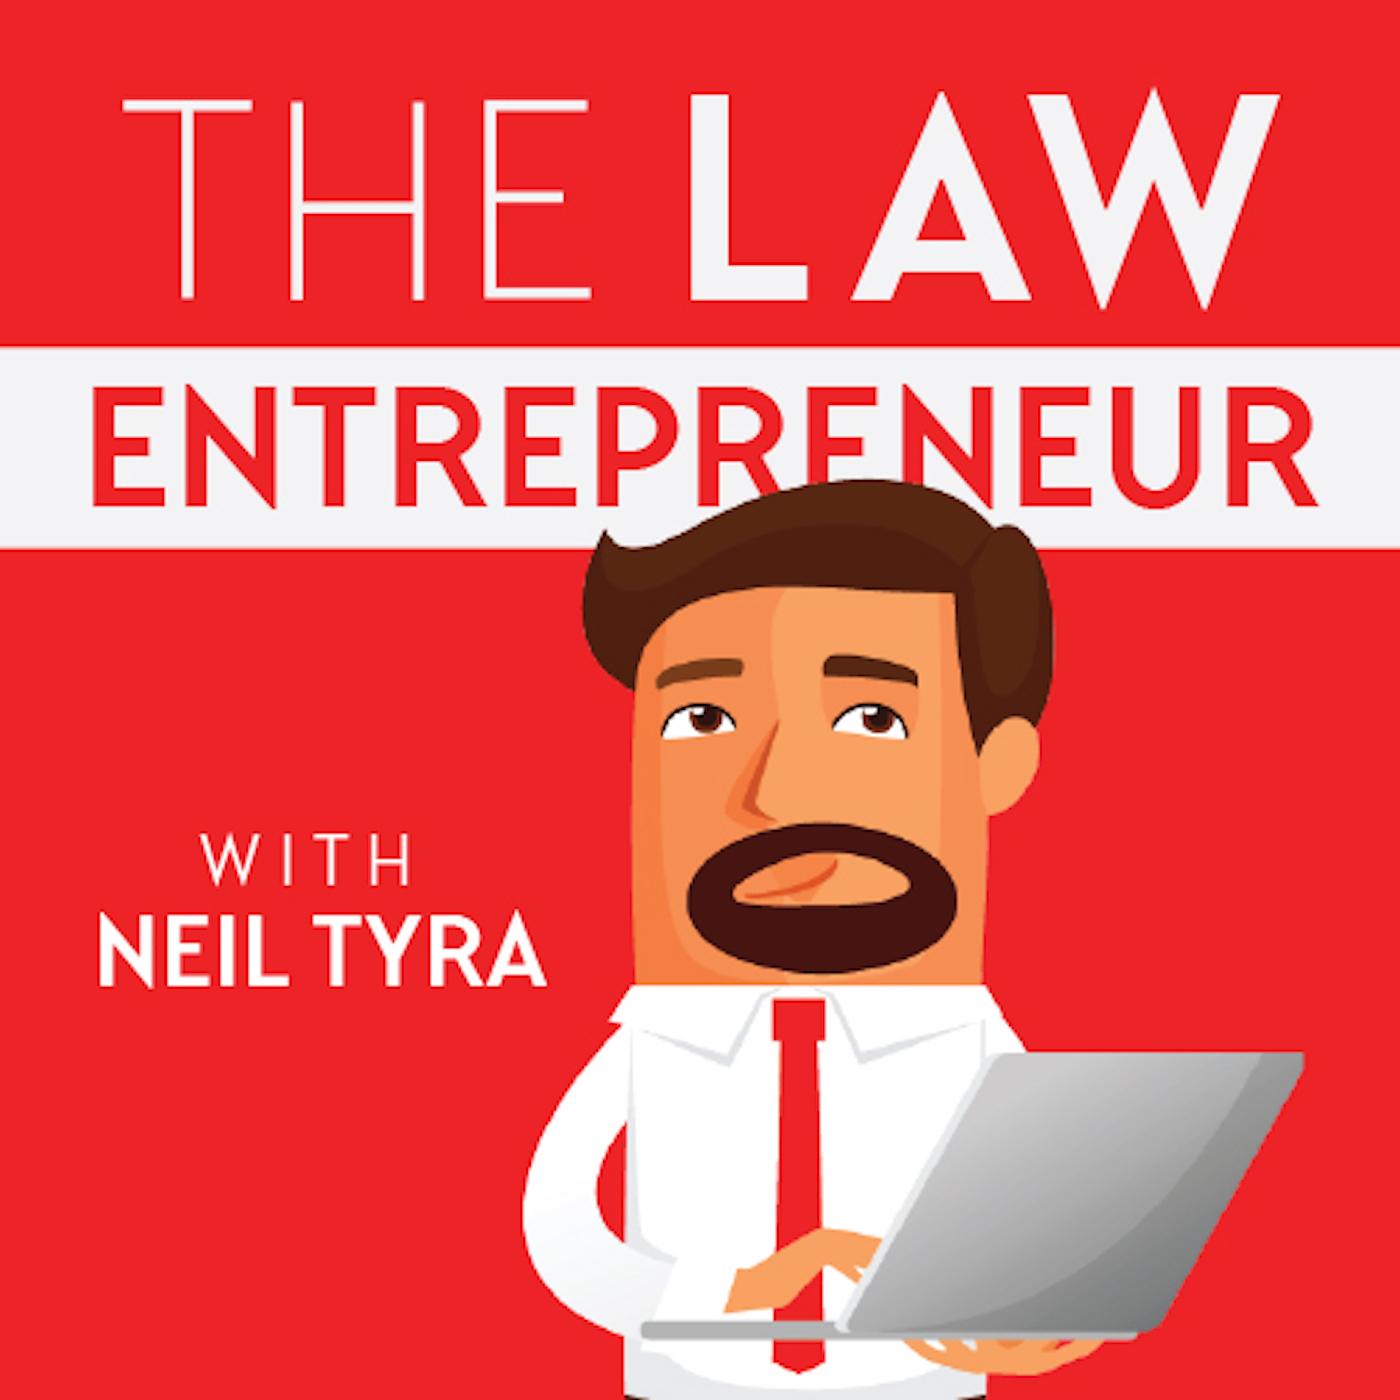 Artwork for podcast The Law Entrepreneur